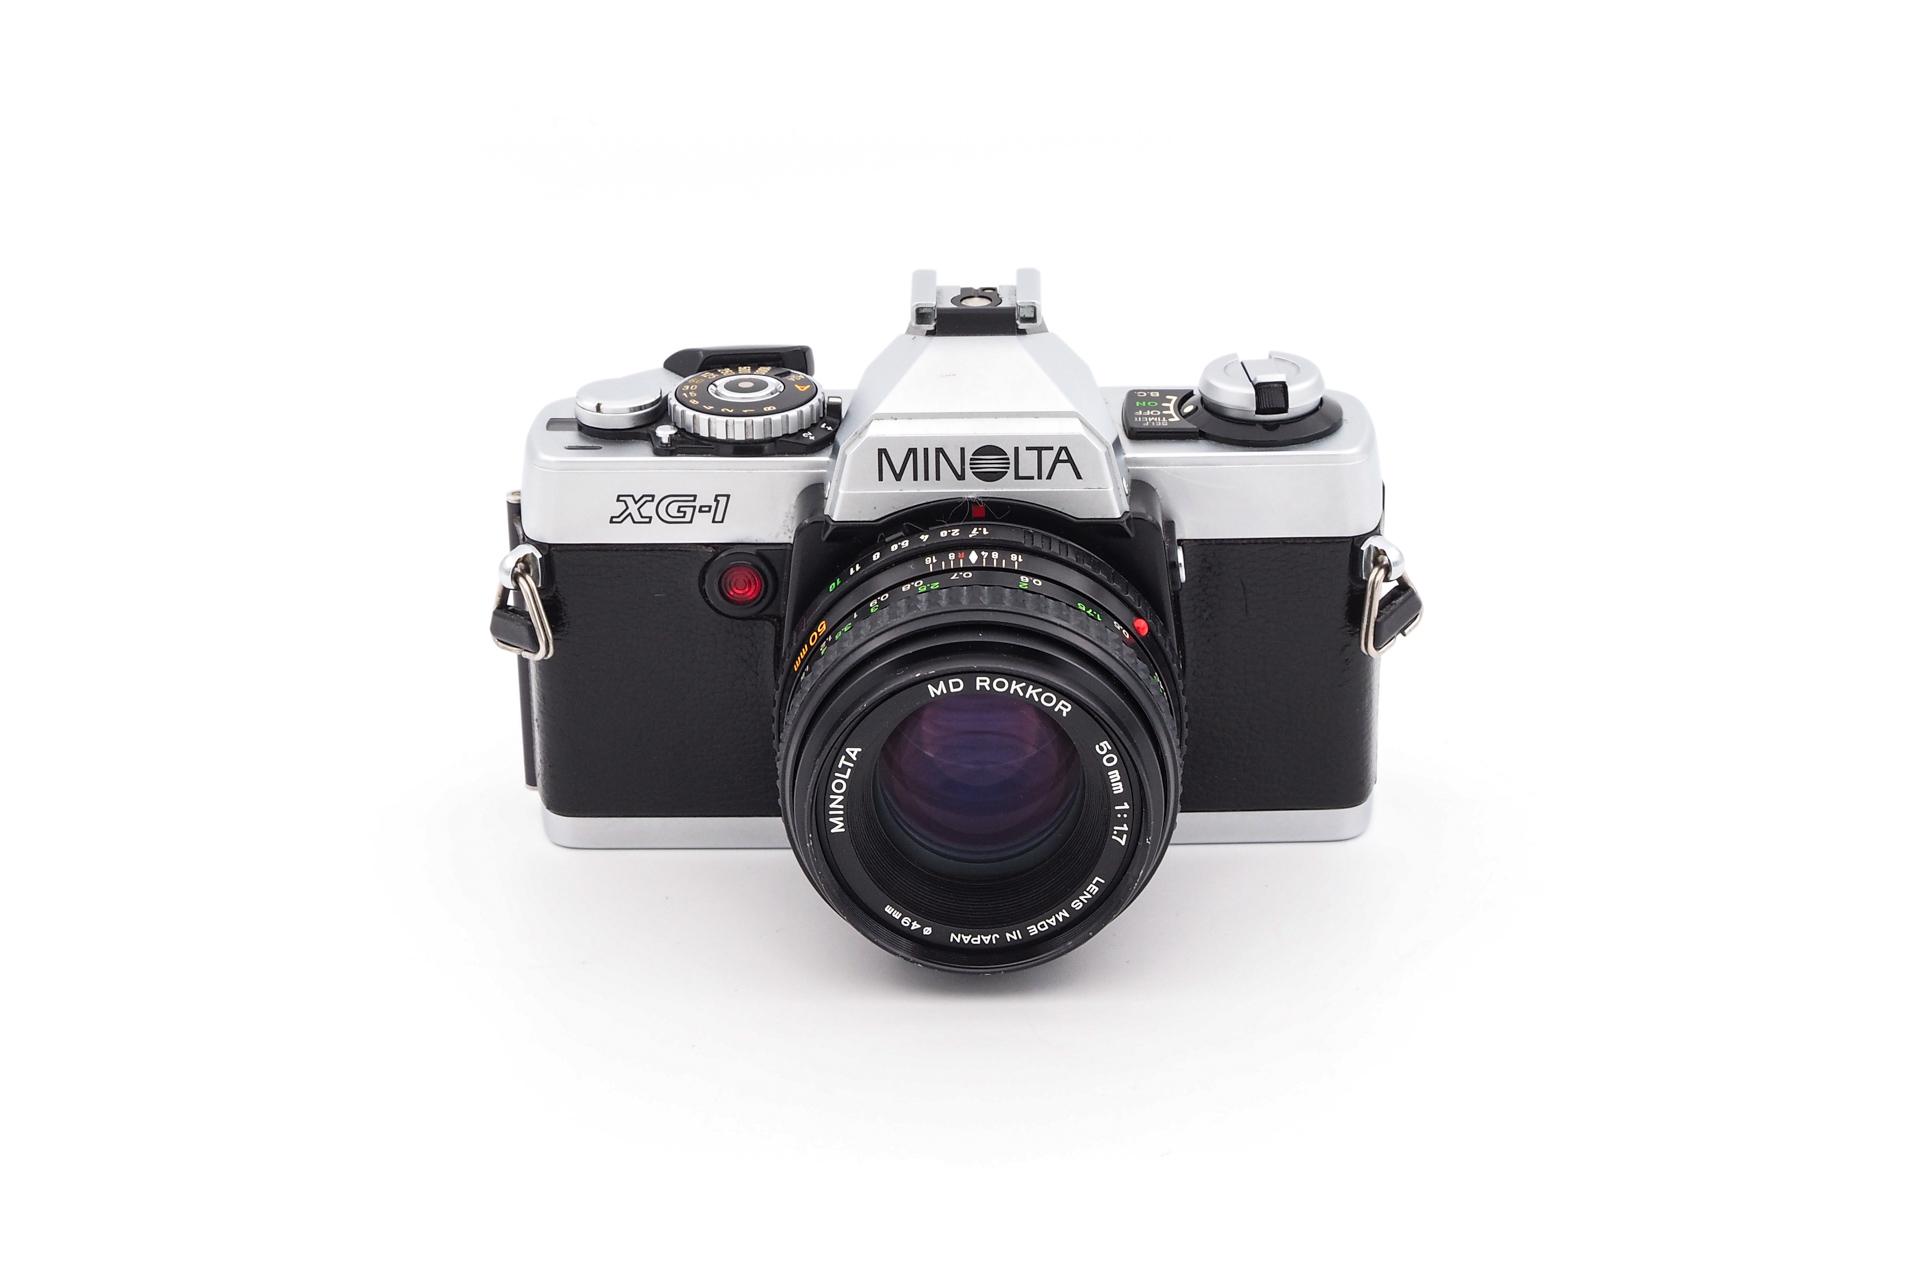 Minolta XG-1 + 50mm F/1.7